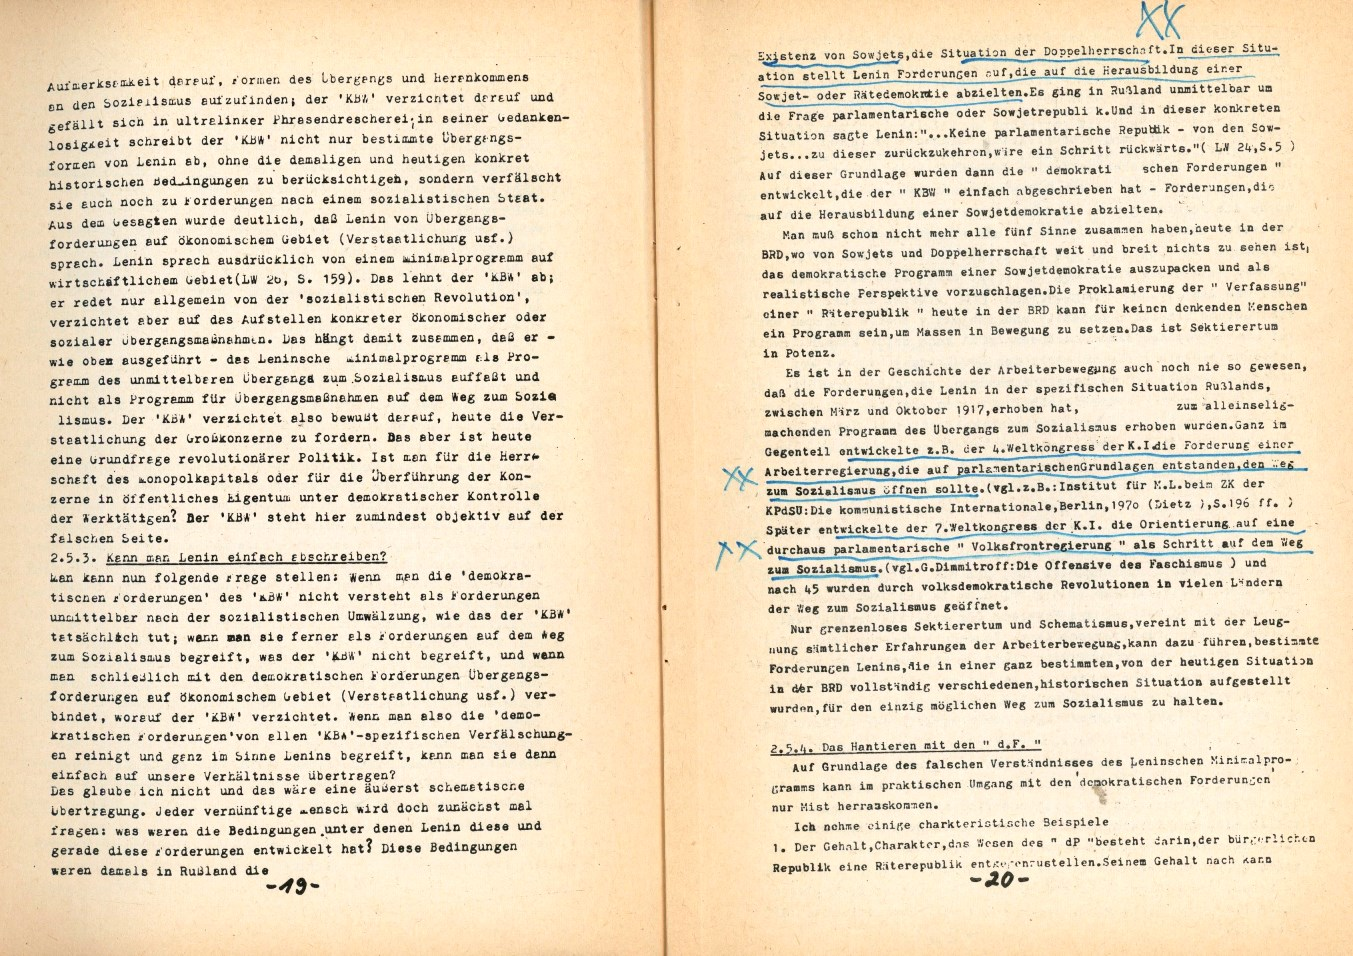 Giessen_MSB_1976_Der_KBW_eine_rechte_Organisation_12